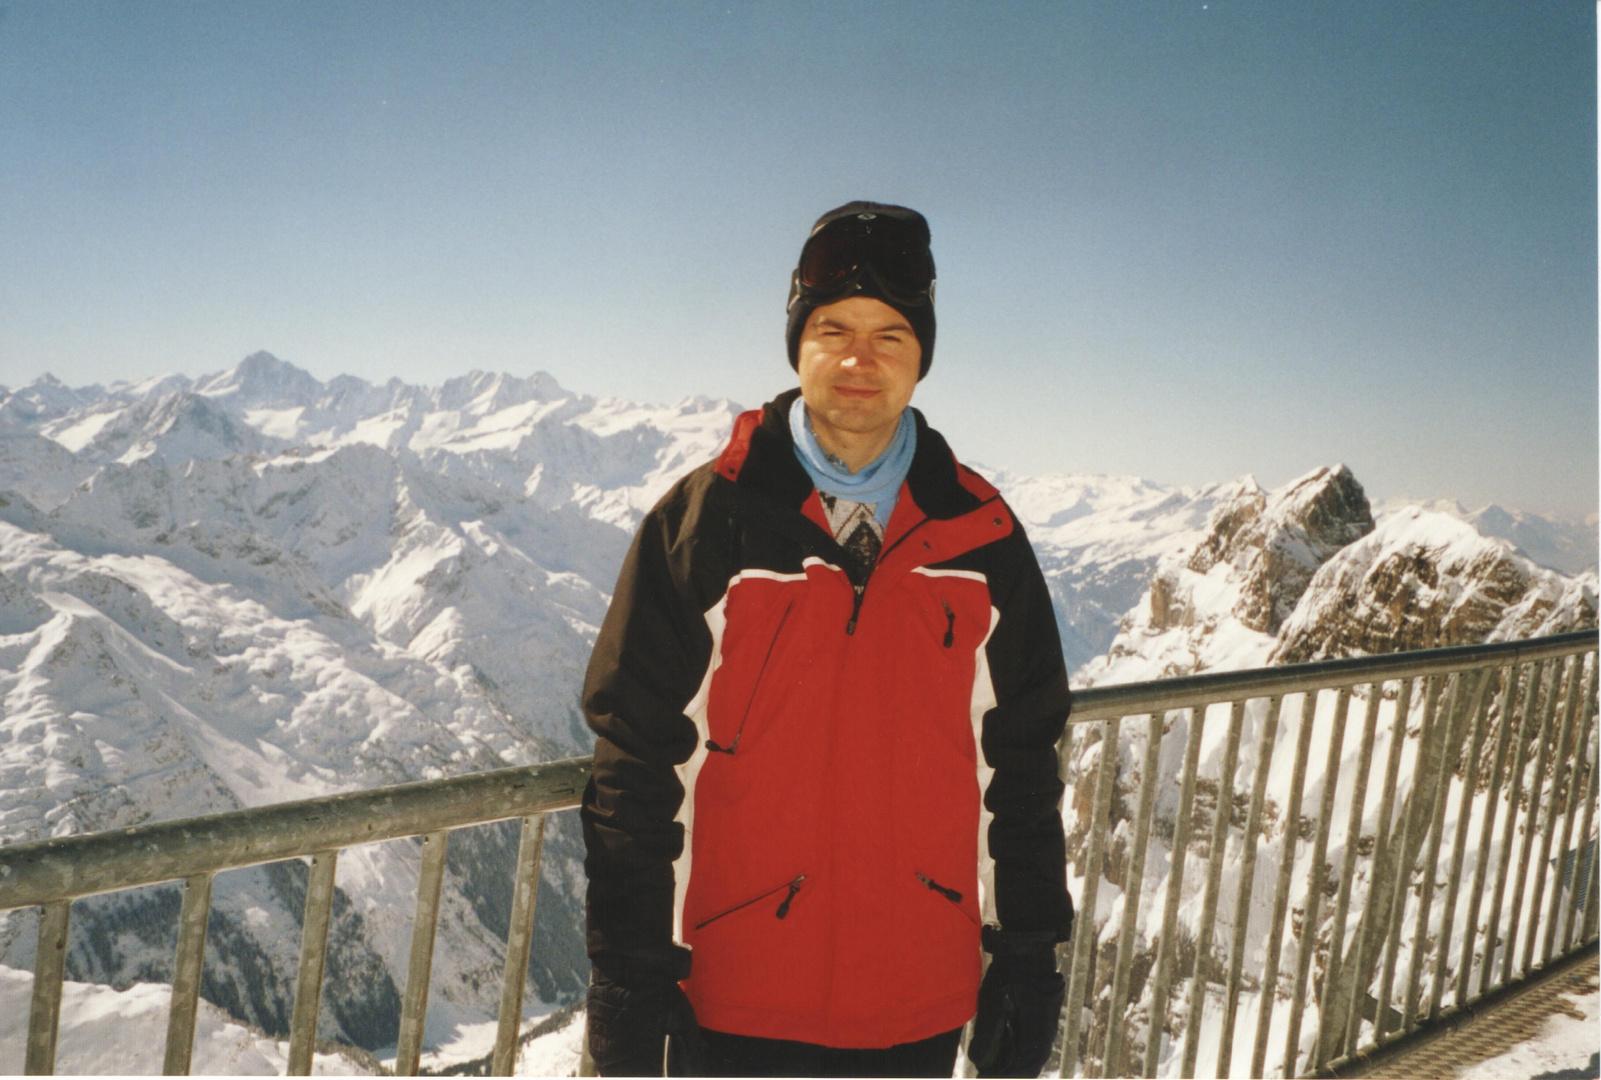 Auf den Titlis 3020 m/m